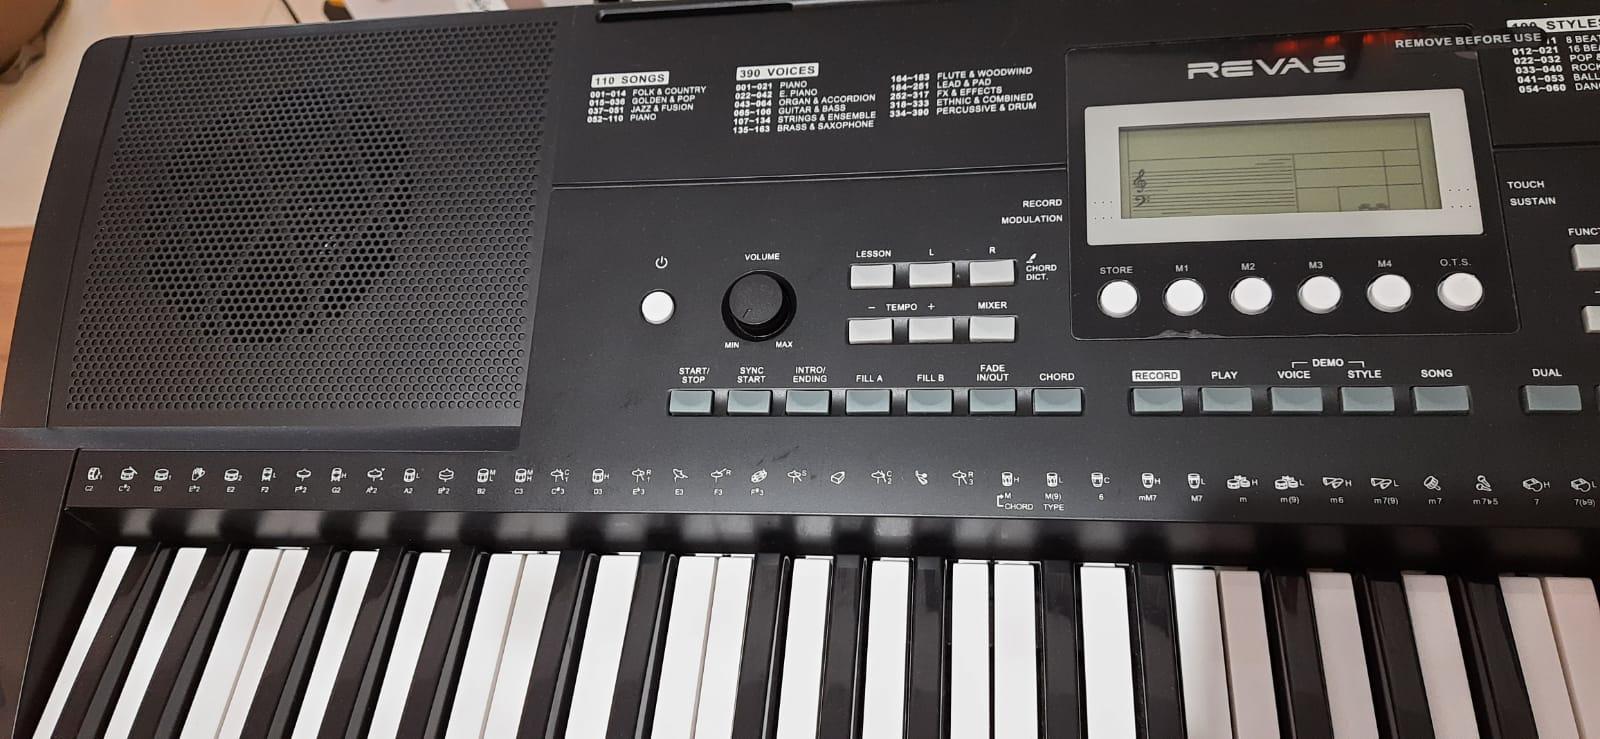 Teclado Revas KB-330 Arranjador 61 Teclas KB-330 Revas By Roland midi USB (Semi-Novo)